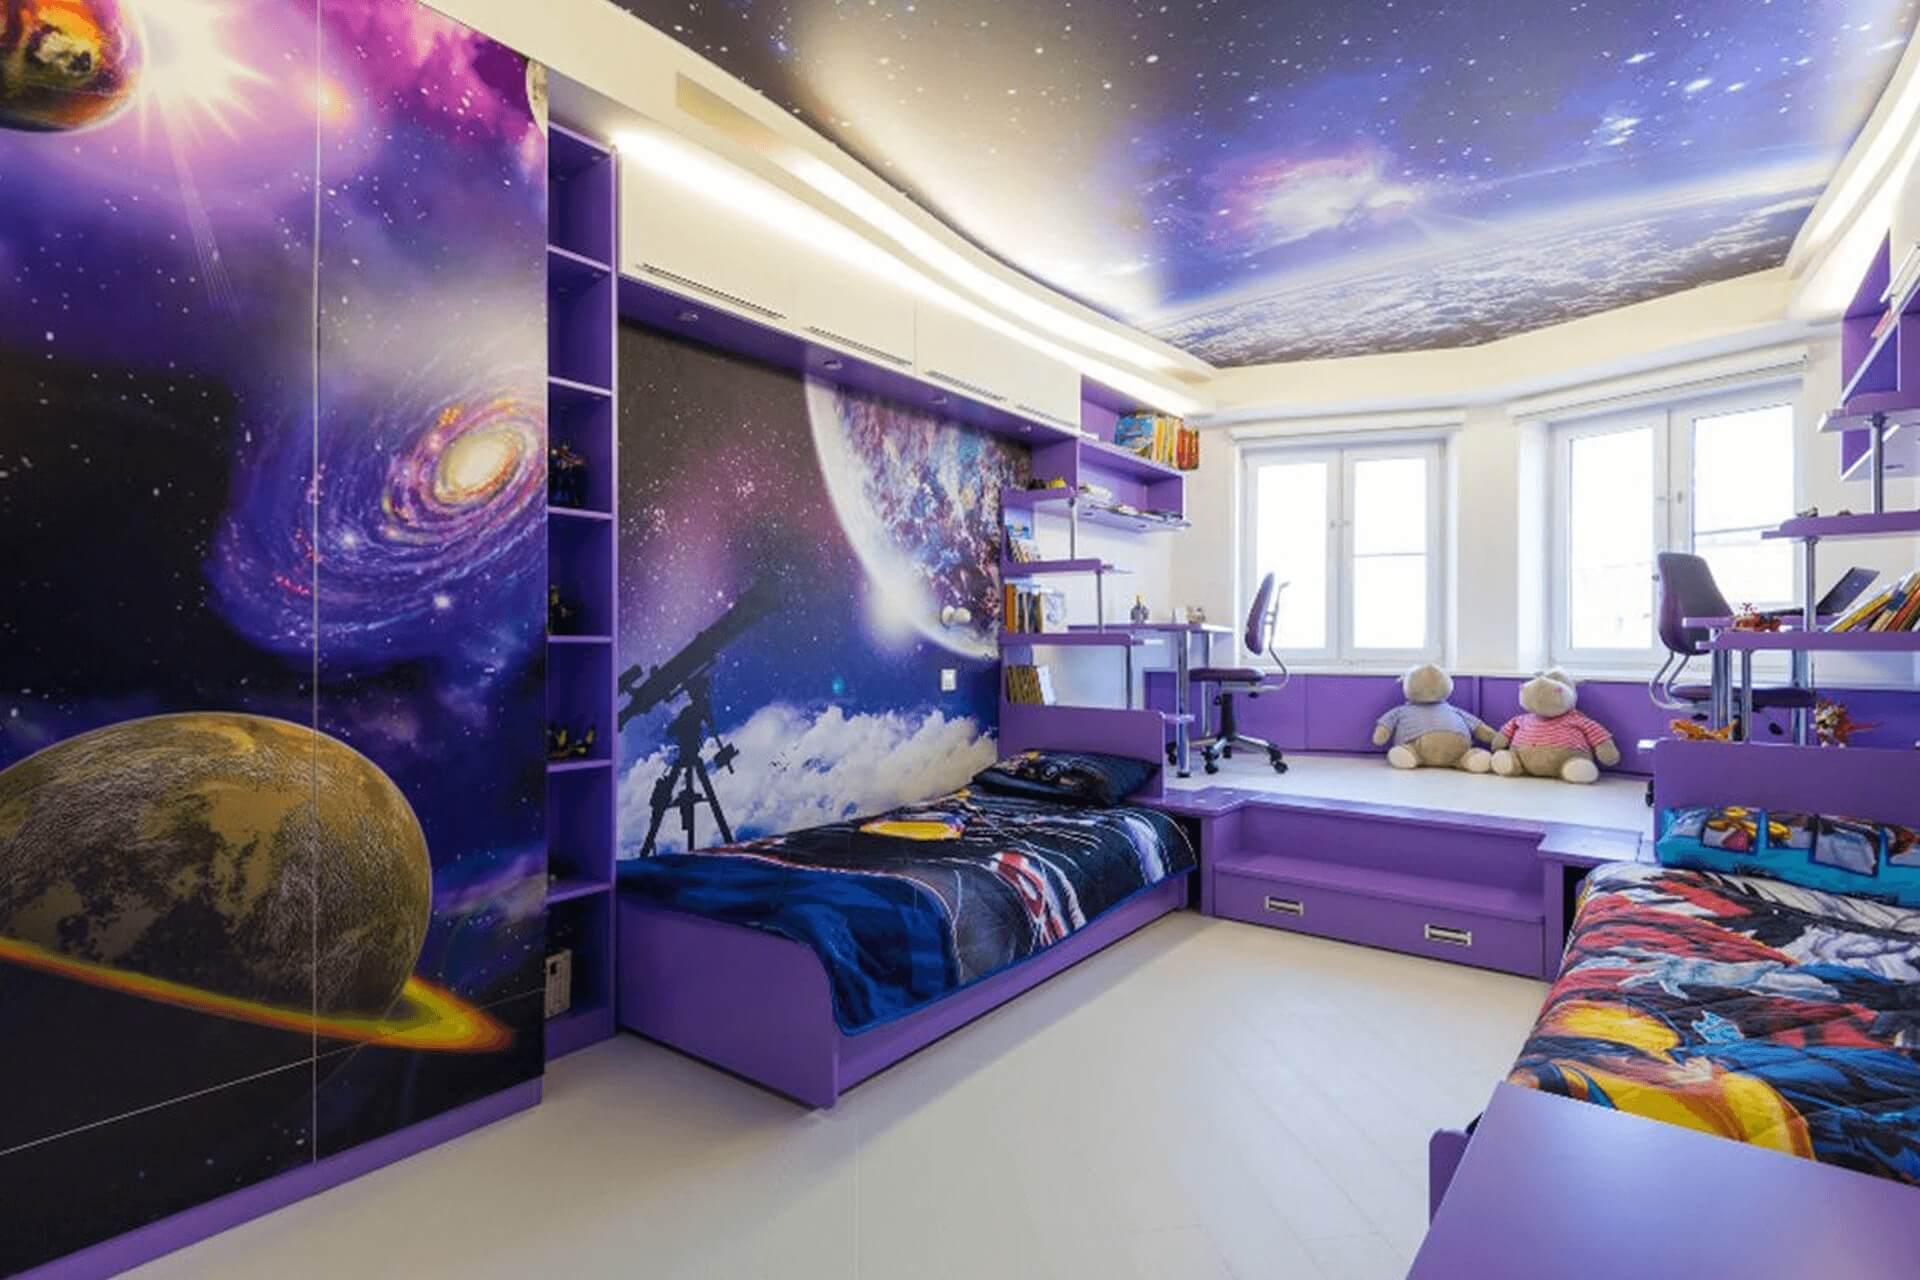 Детская комната с натяжным потолком в космическом стиле.